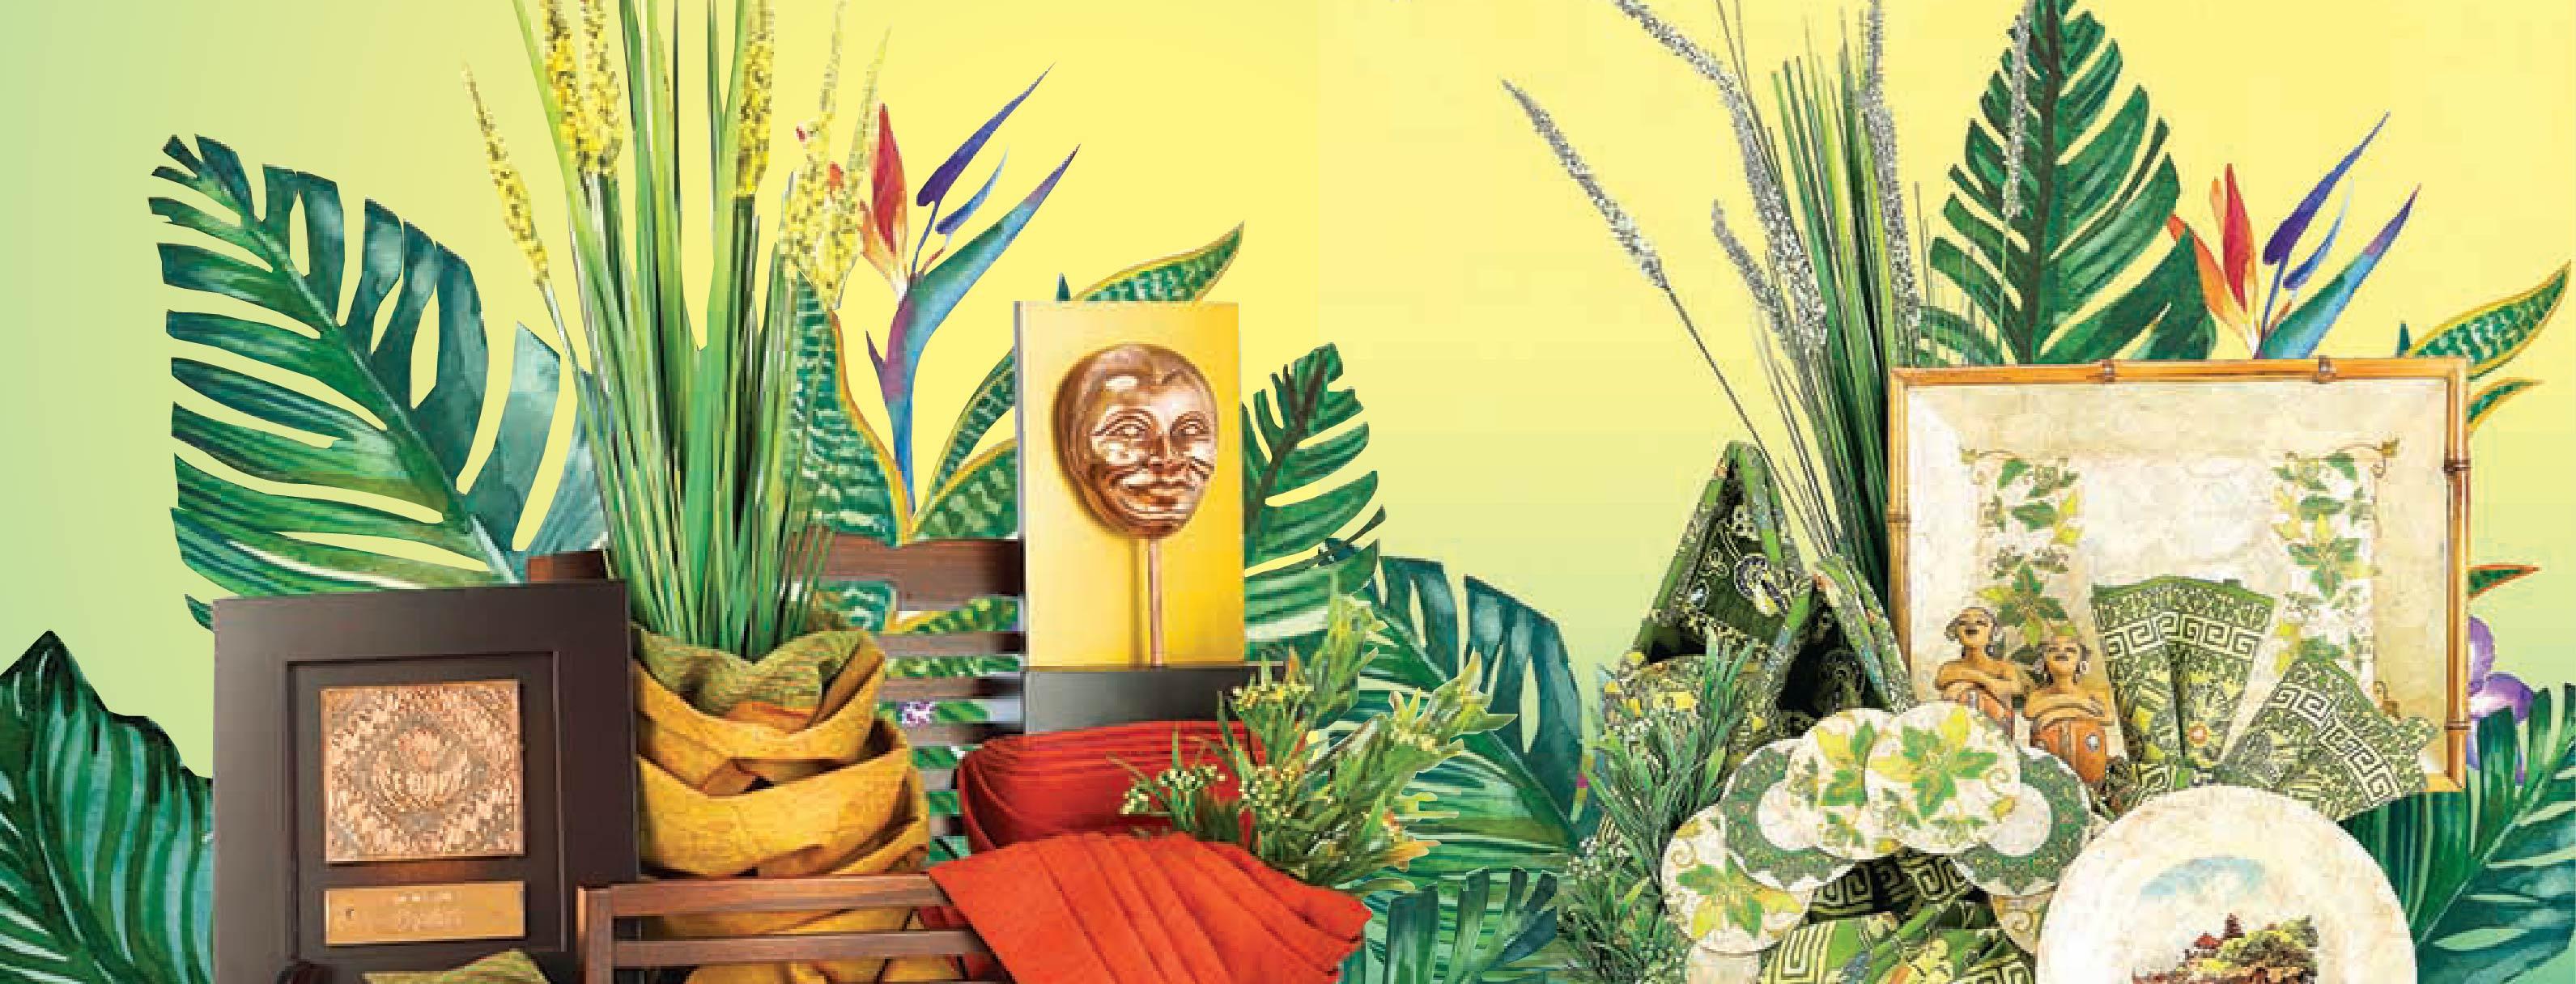 Dapatkan koleksi parcel Batik Keris